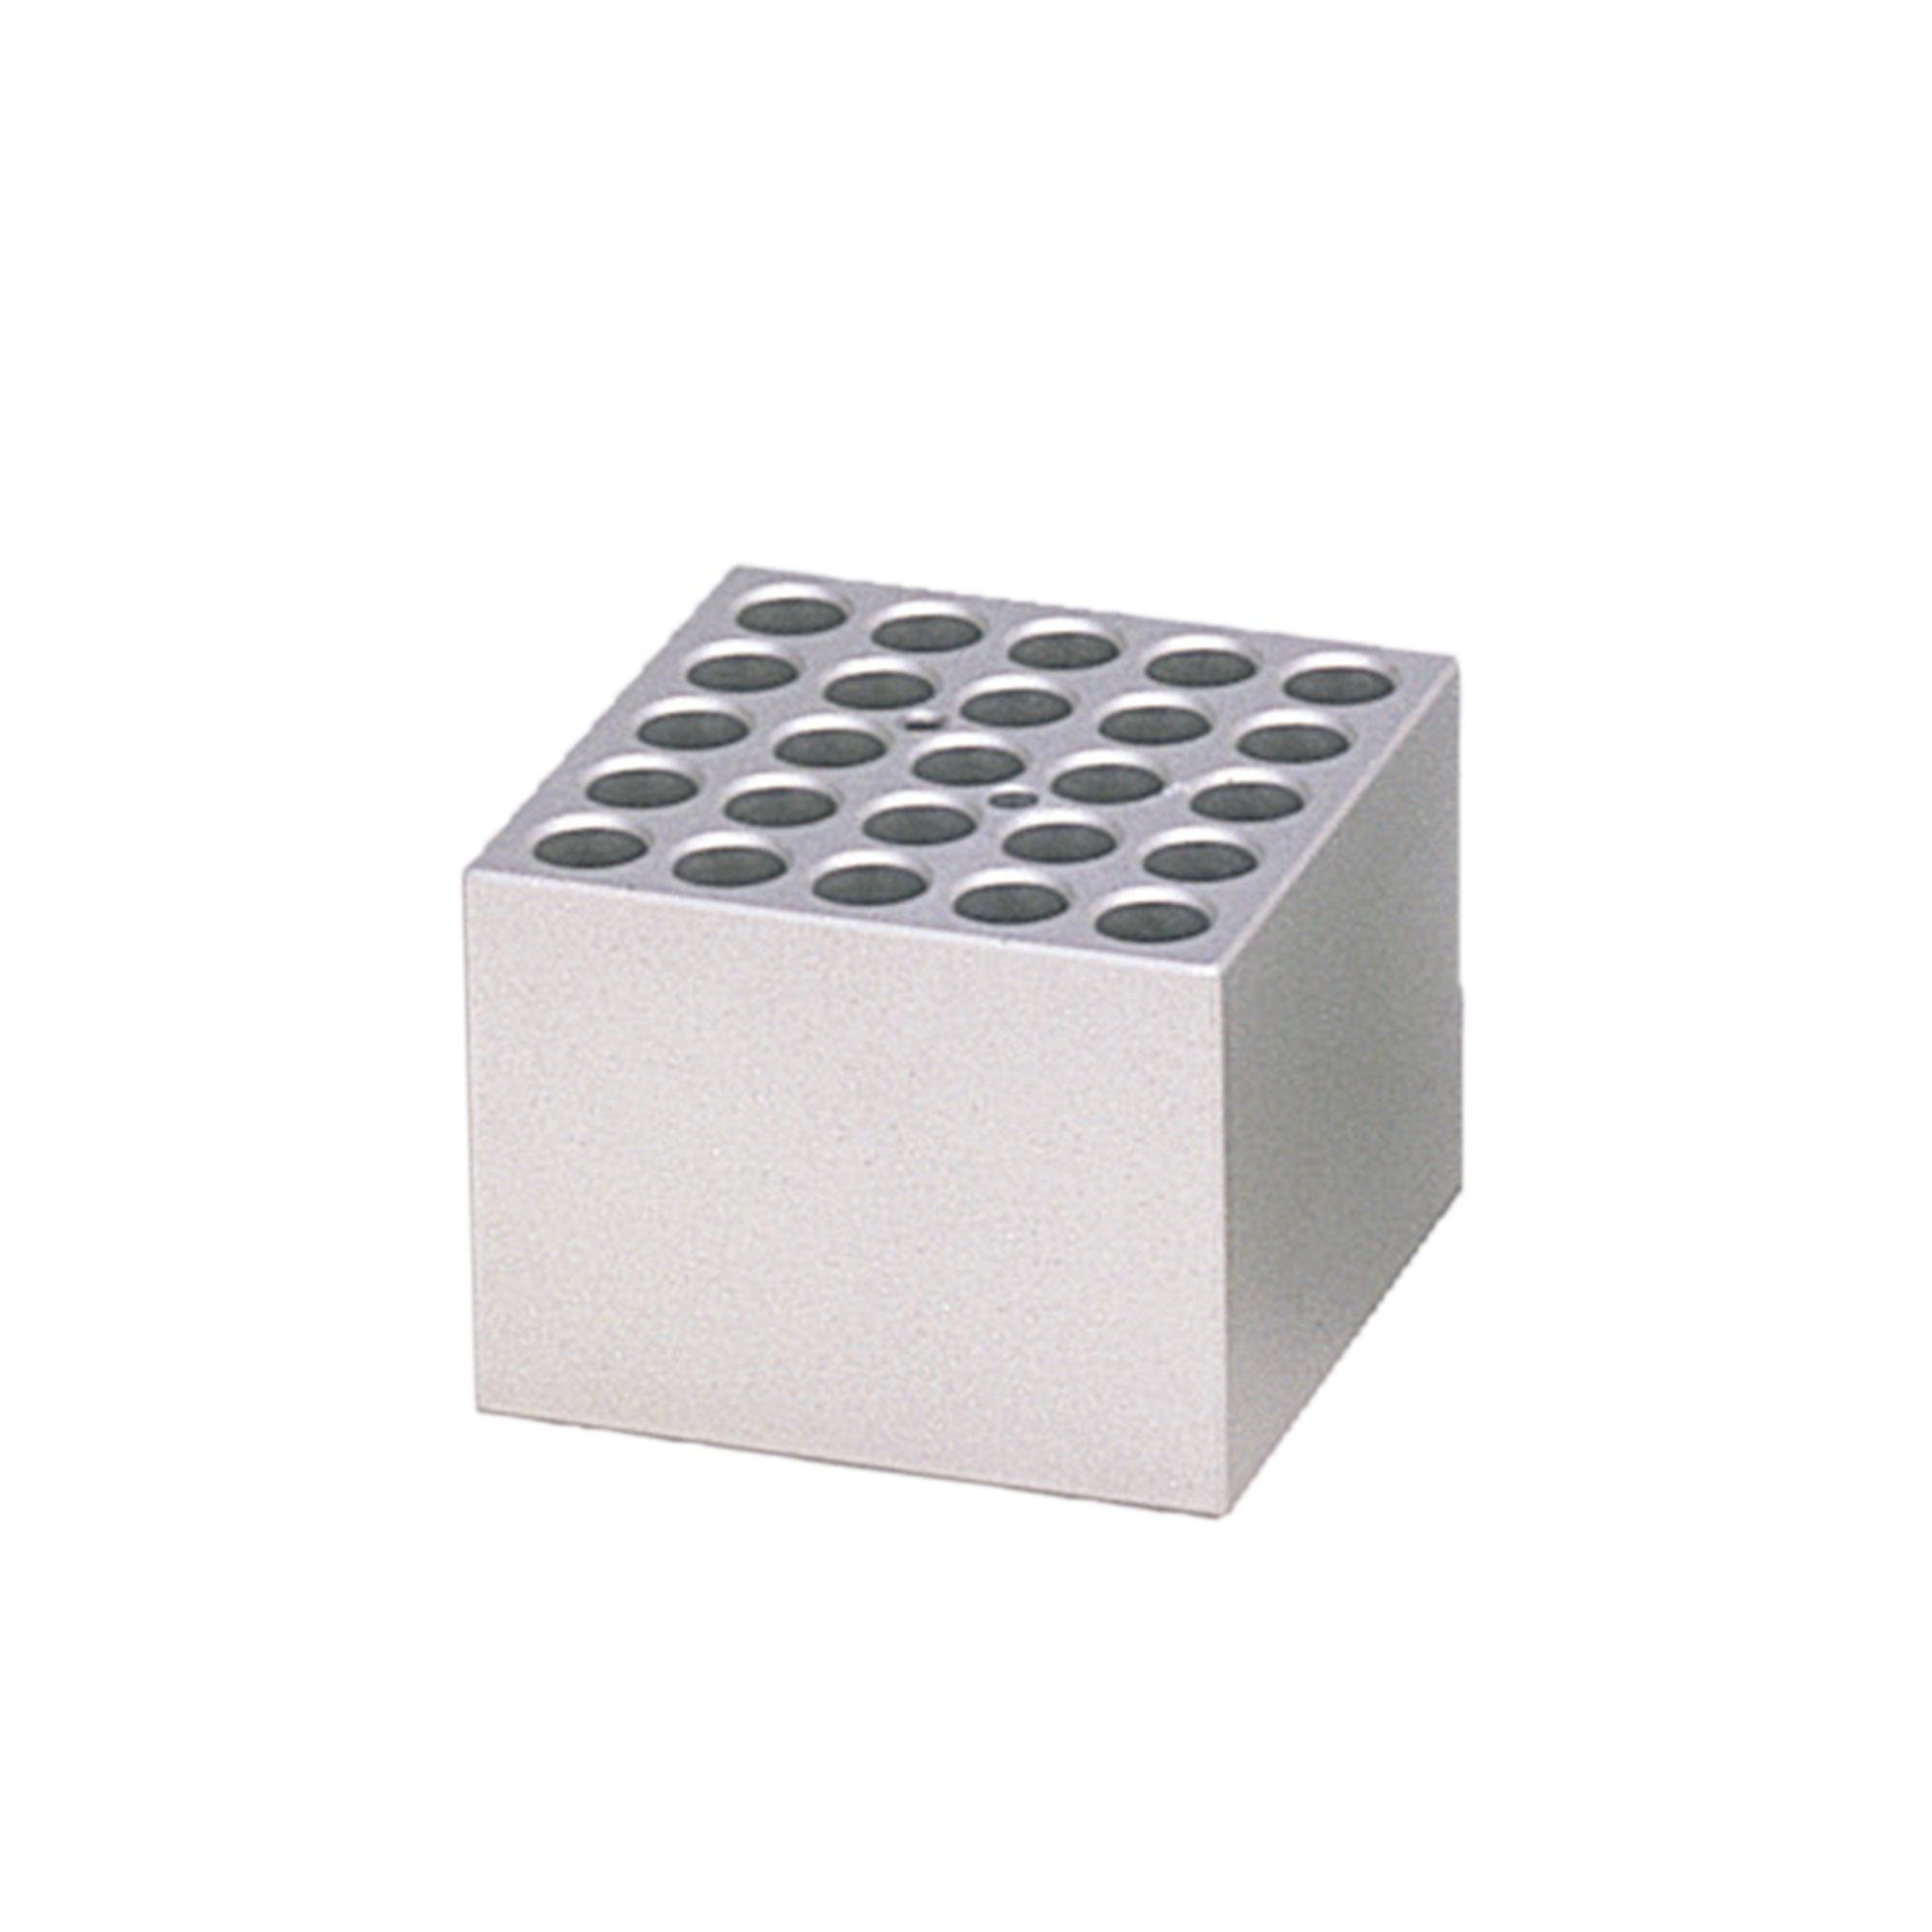 アルミブロック φ15mm用 25穴